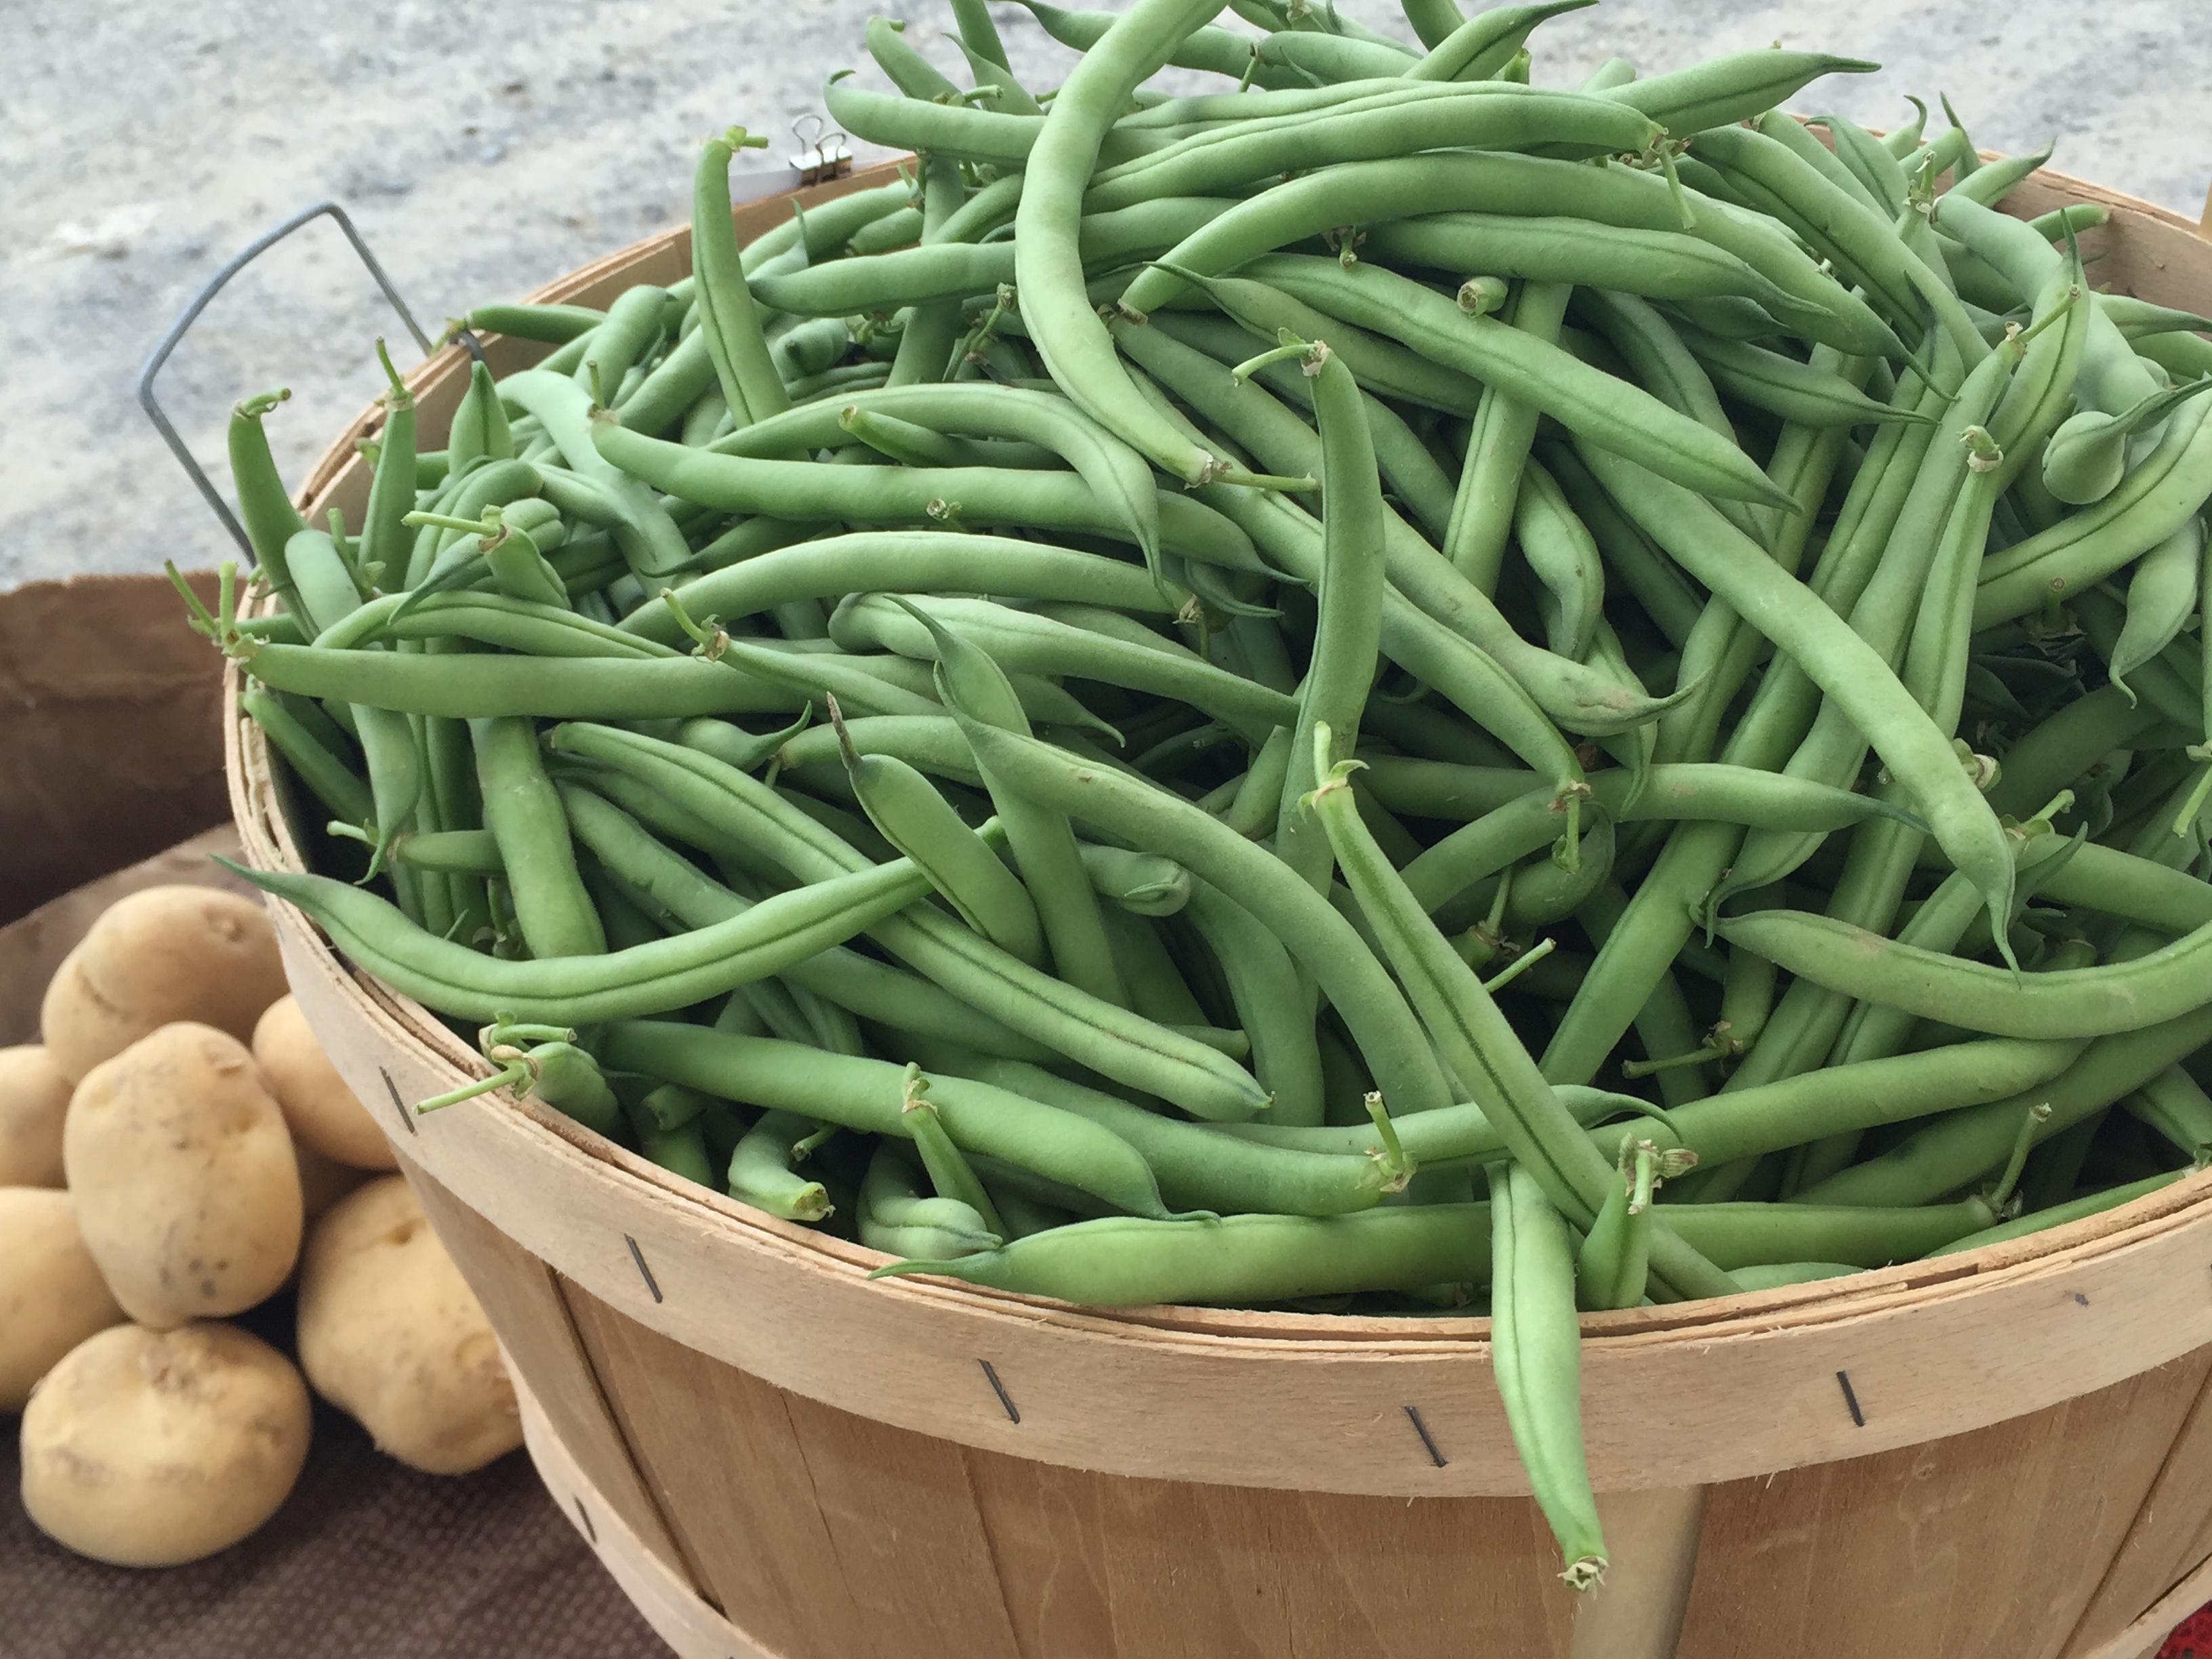 farm howland stand produce (10)